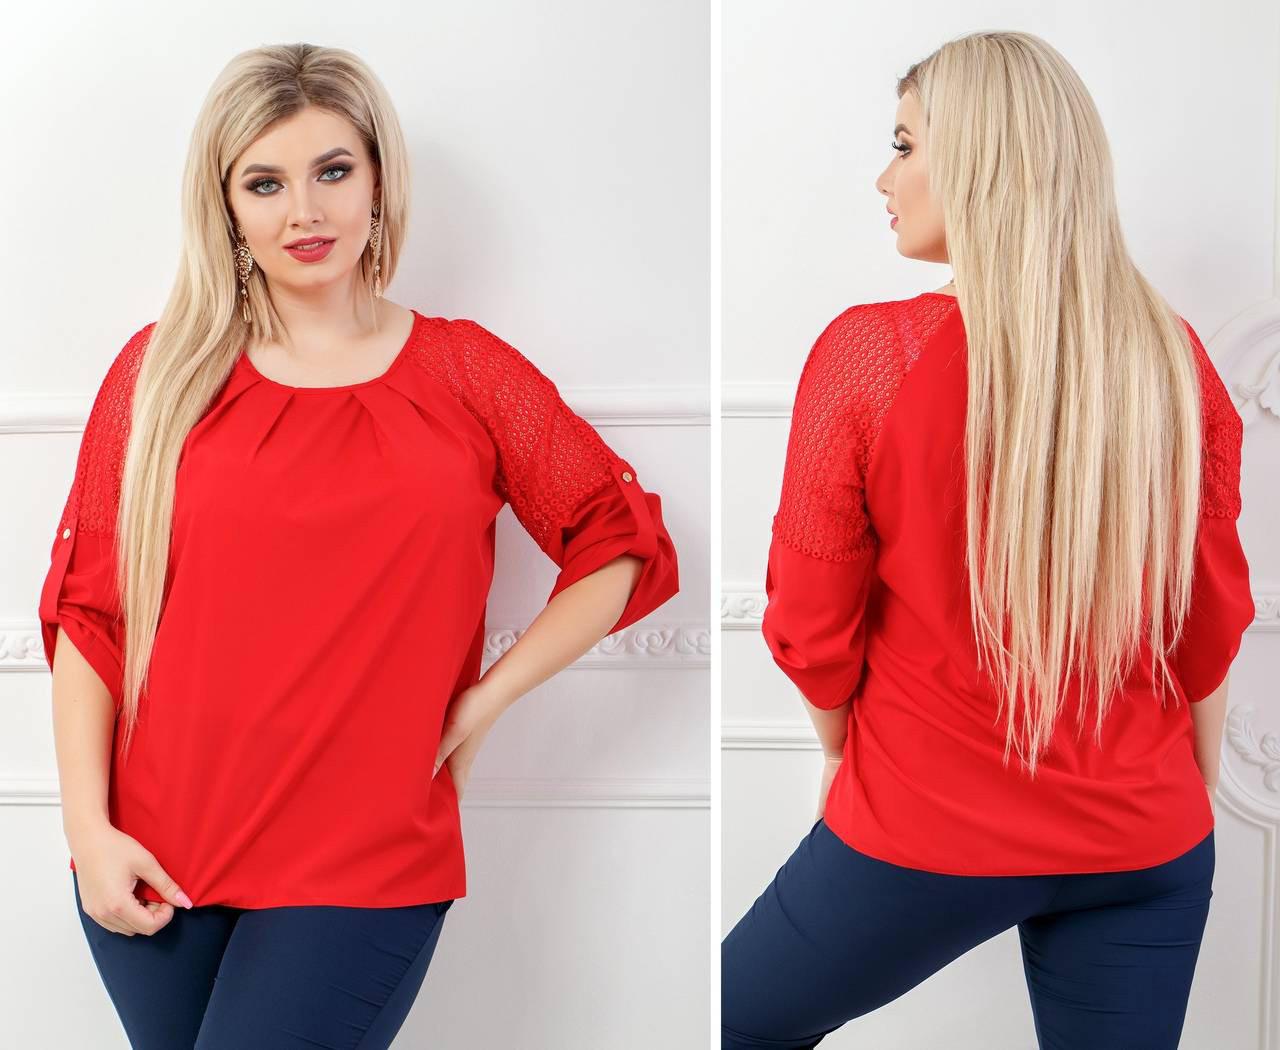 Блуза женская с кружевными вставками, бенгалин, новинка 2018, модель 117/2 батал, цвет - красный